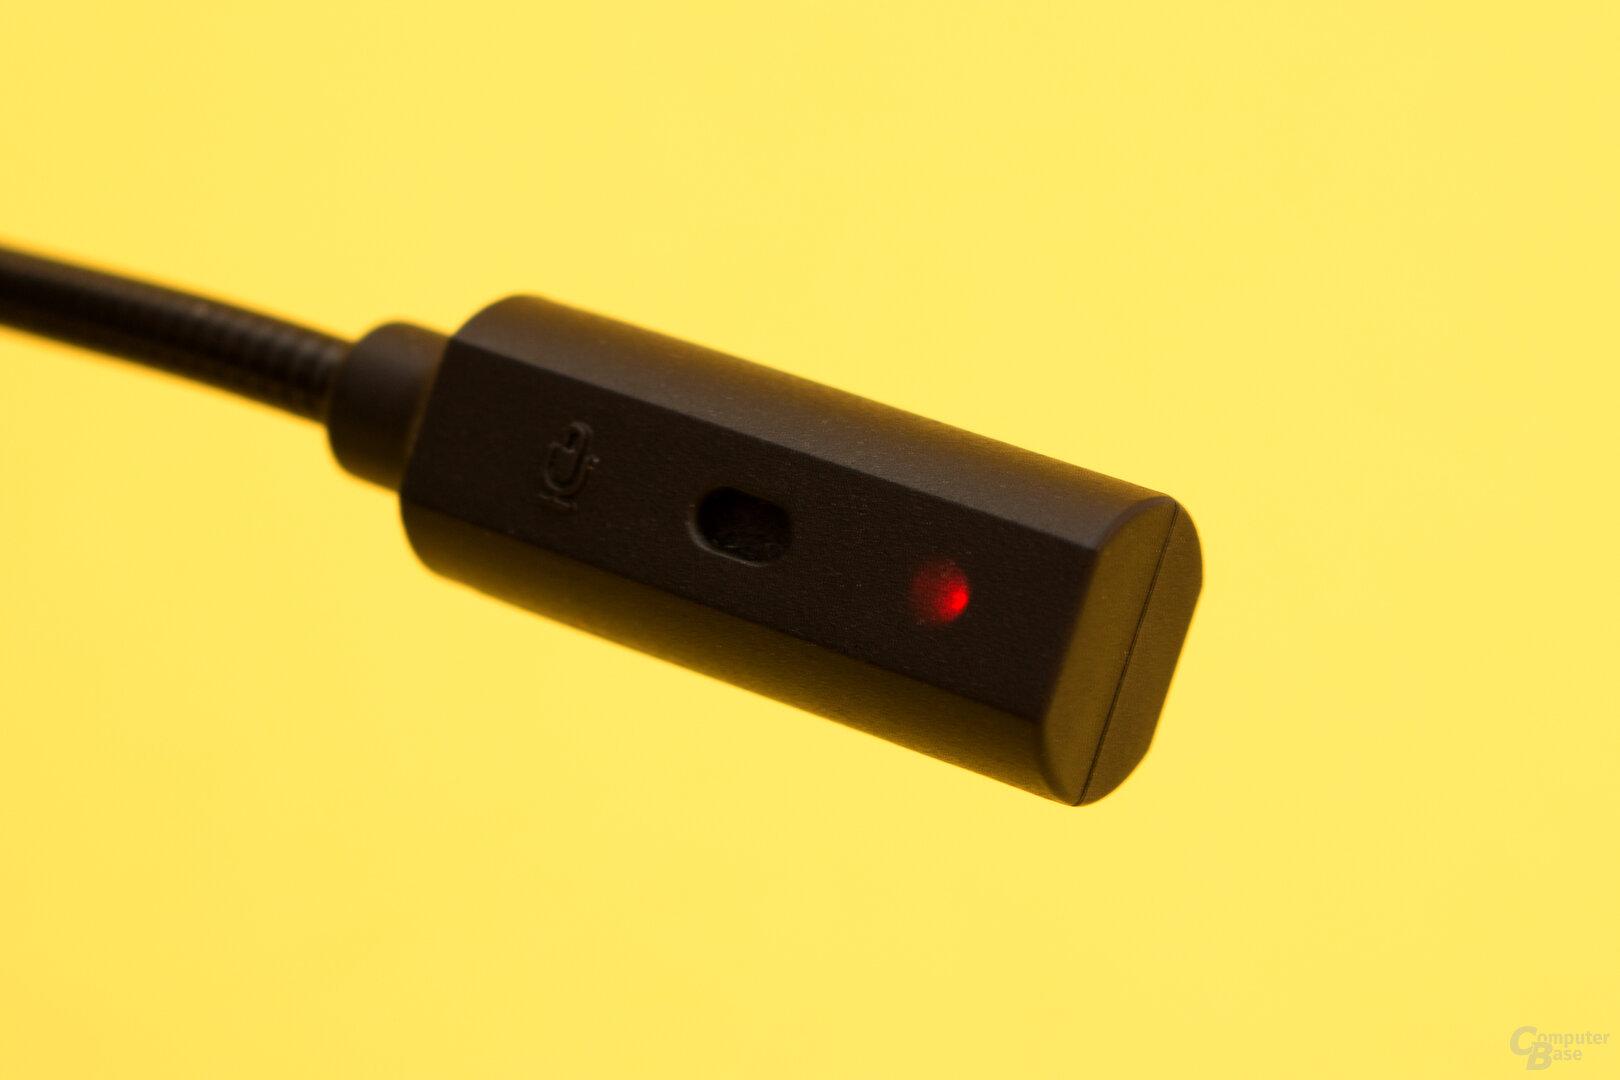 Mdas Mikrofon des Creative SXFI Air C zeigt an wenn es deaktiviert ist